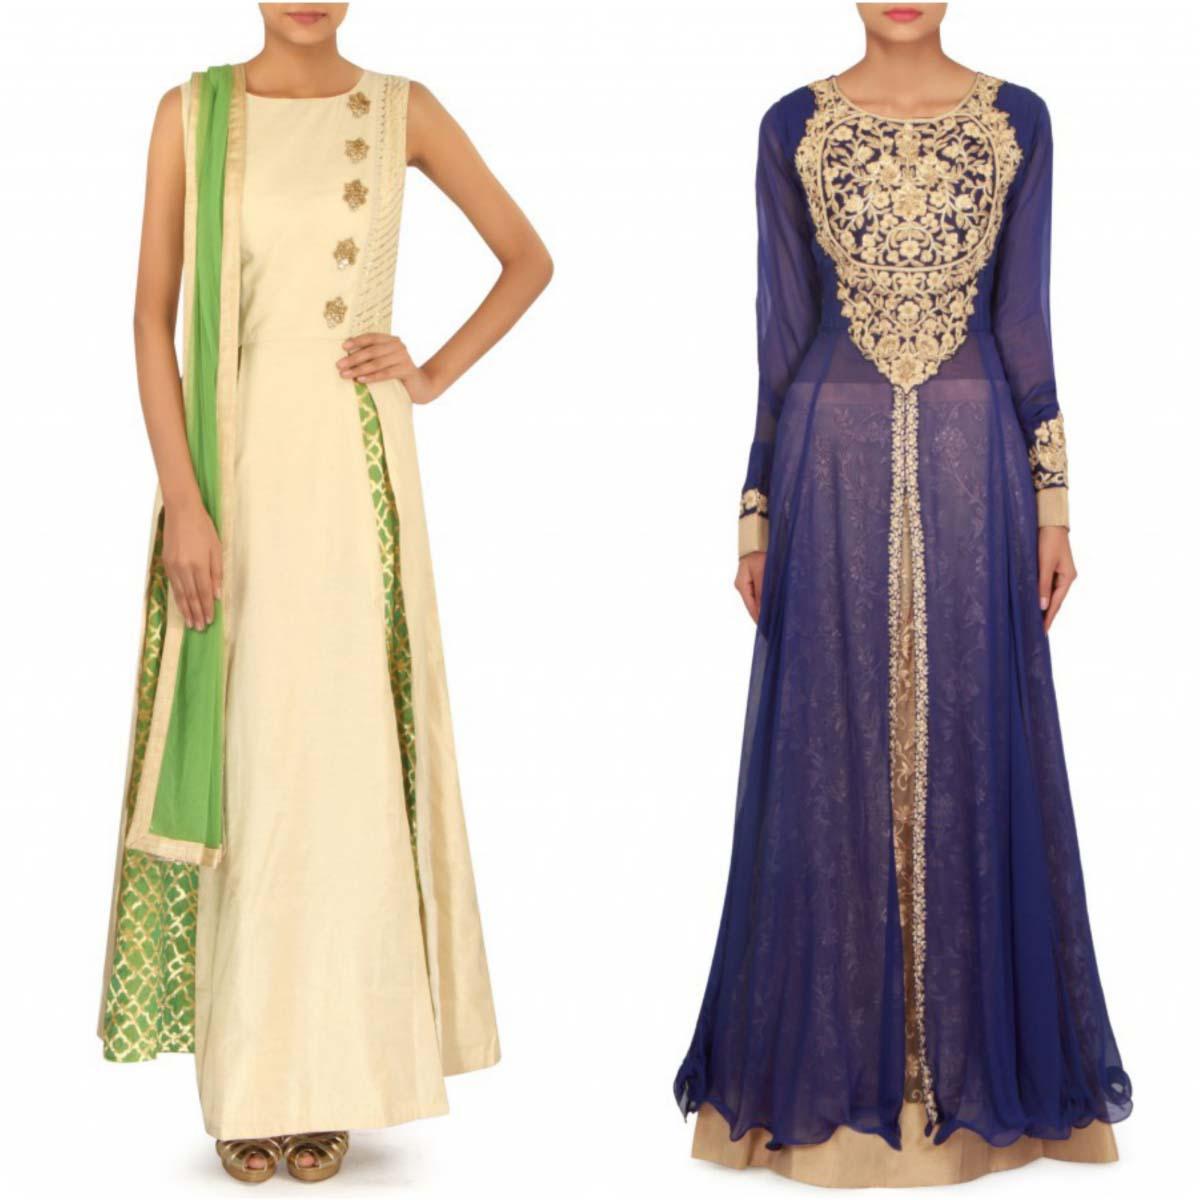 indian-bridal-mehndi-and-sangeet-lehenga-designs-2017-2018-by-kalki-fashion-7